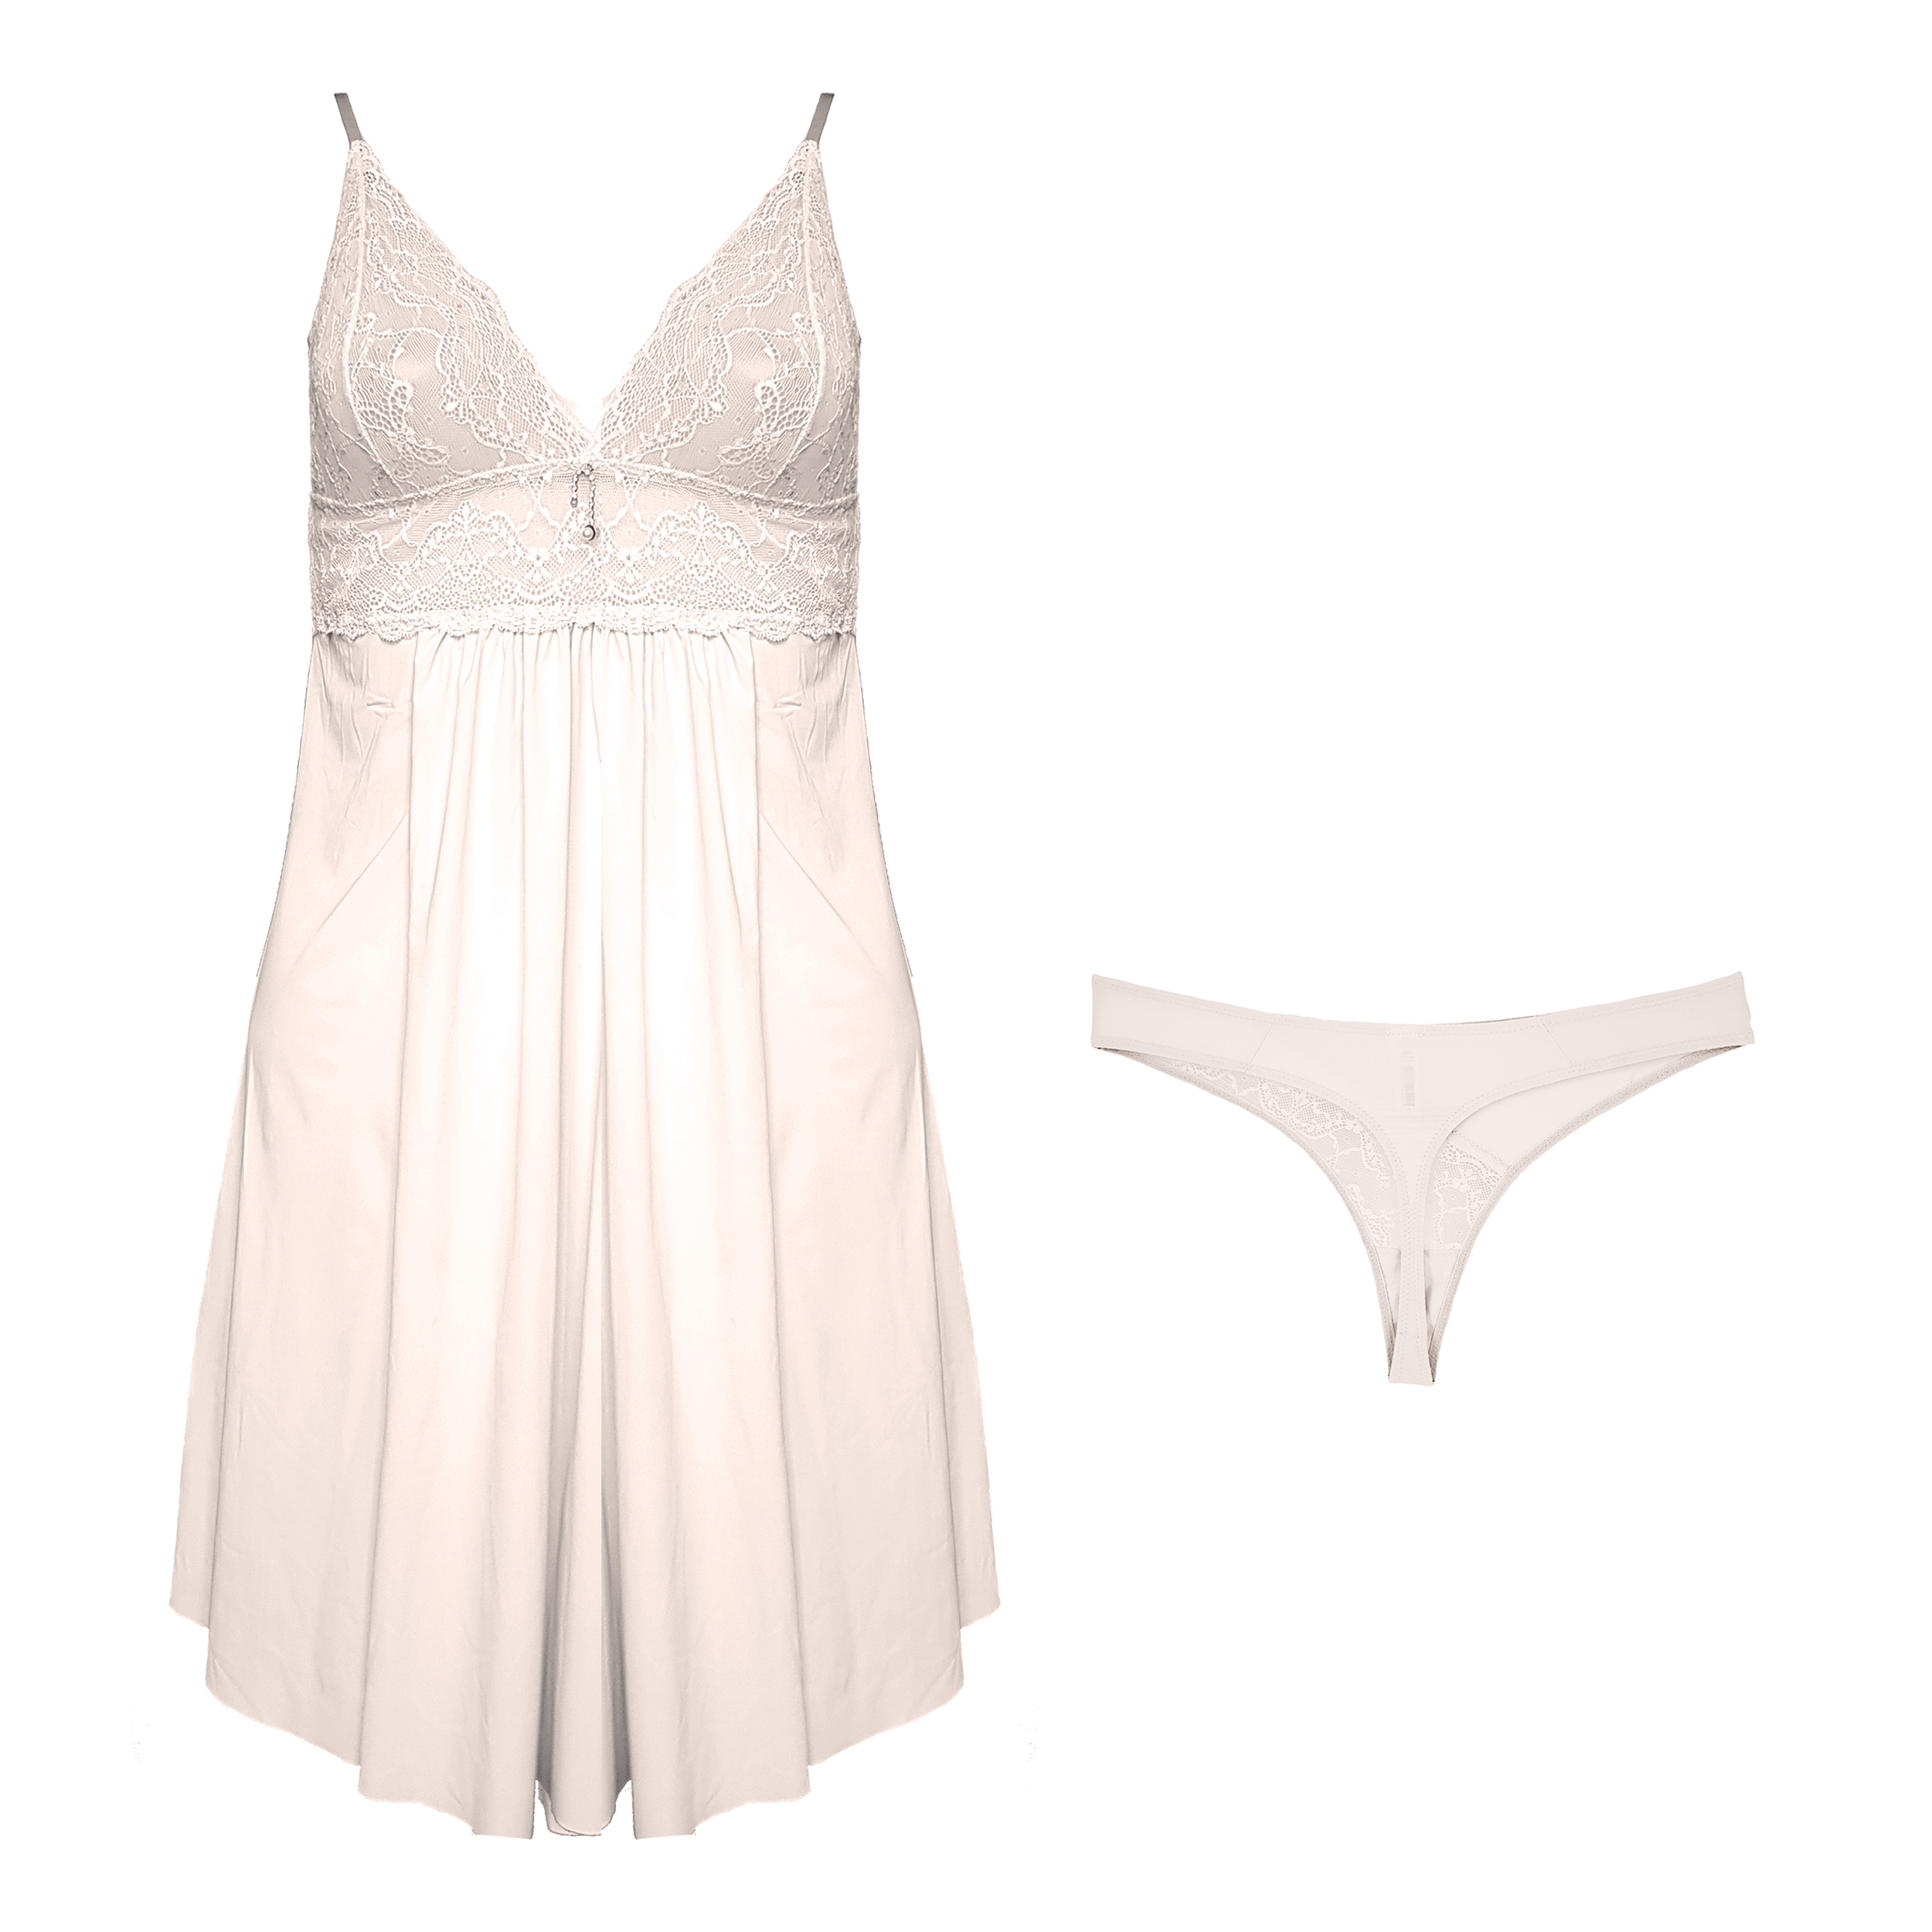 لباس خواب زنانه ینینچی مدل 10050 رنگ صورتی